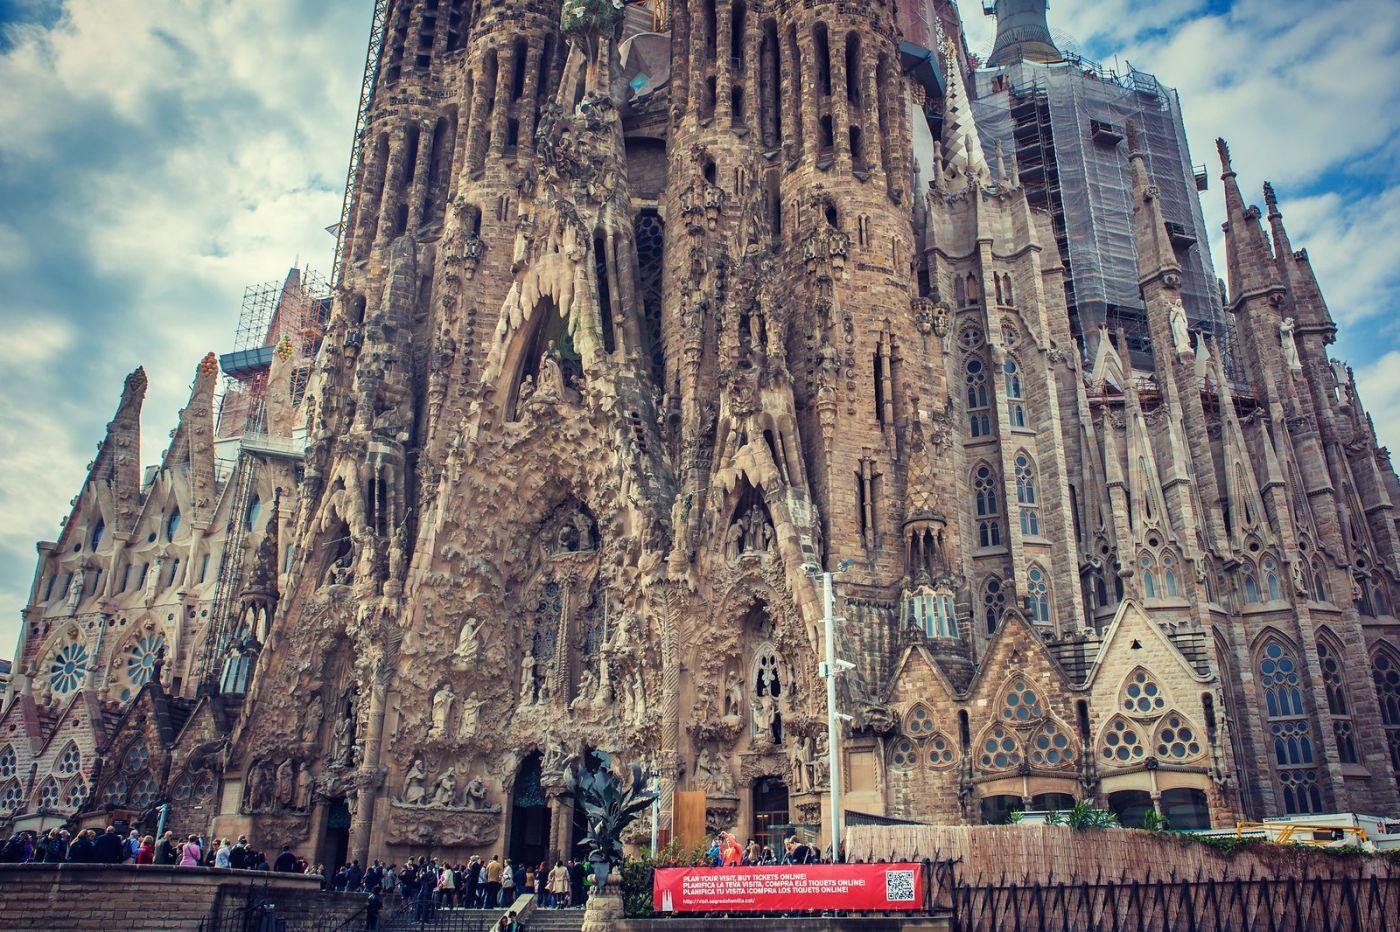 西班牙圣家堂(Sagrada Família), 上帝建筑师-高第的作品_图1-24